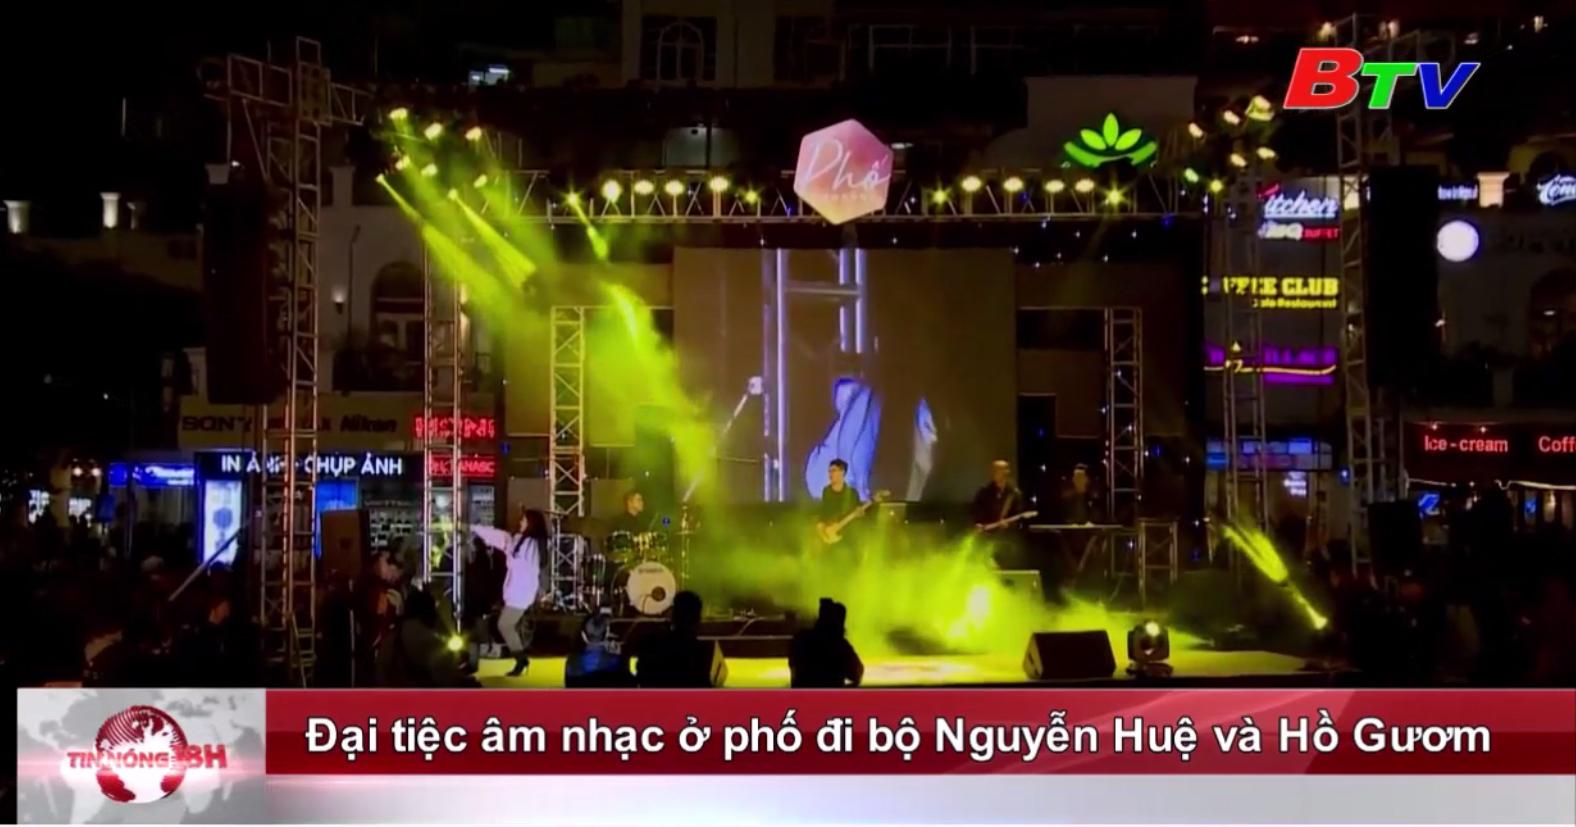 Đại tiệc âm nhạc ở phố đi bộ Nguyễn Huệ và Hồ Gươm